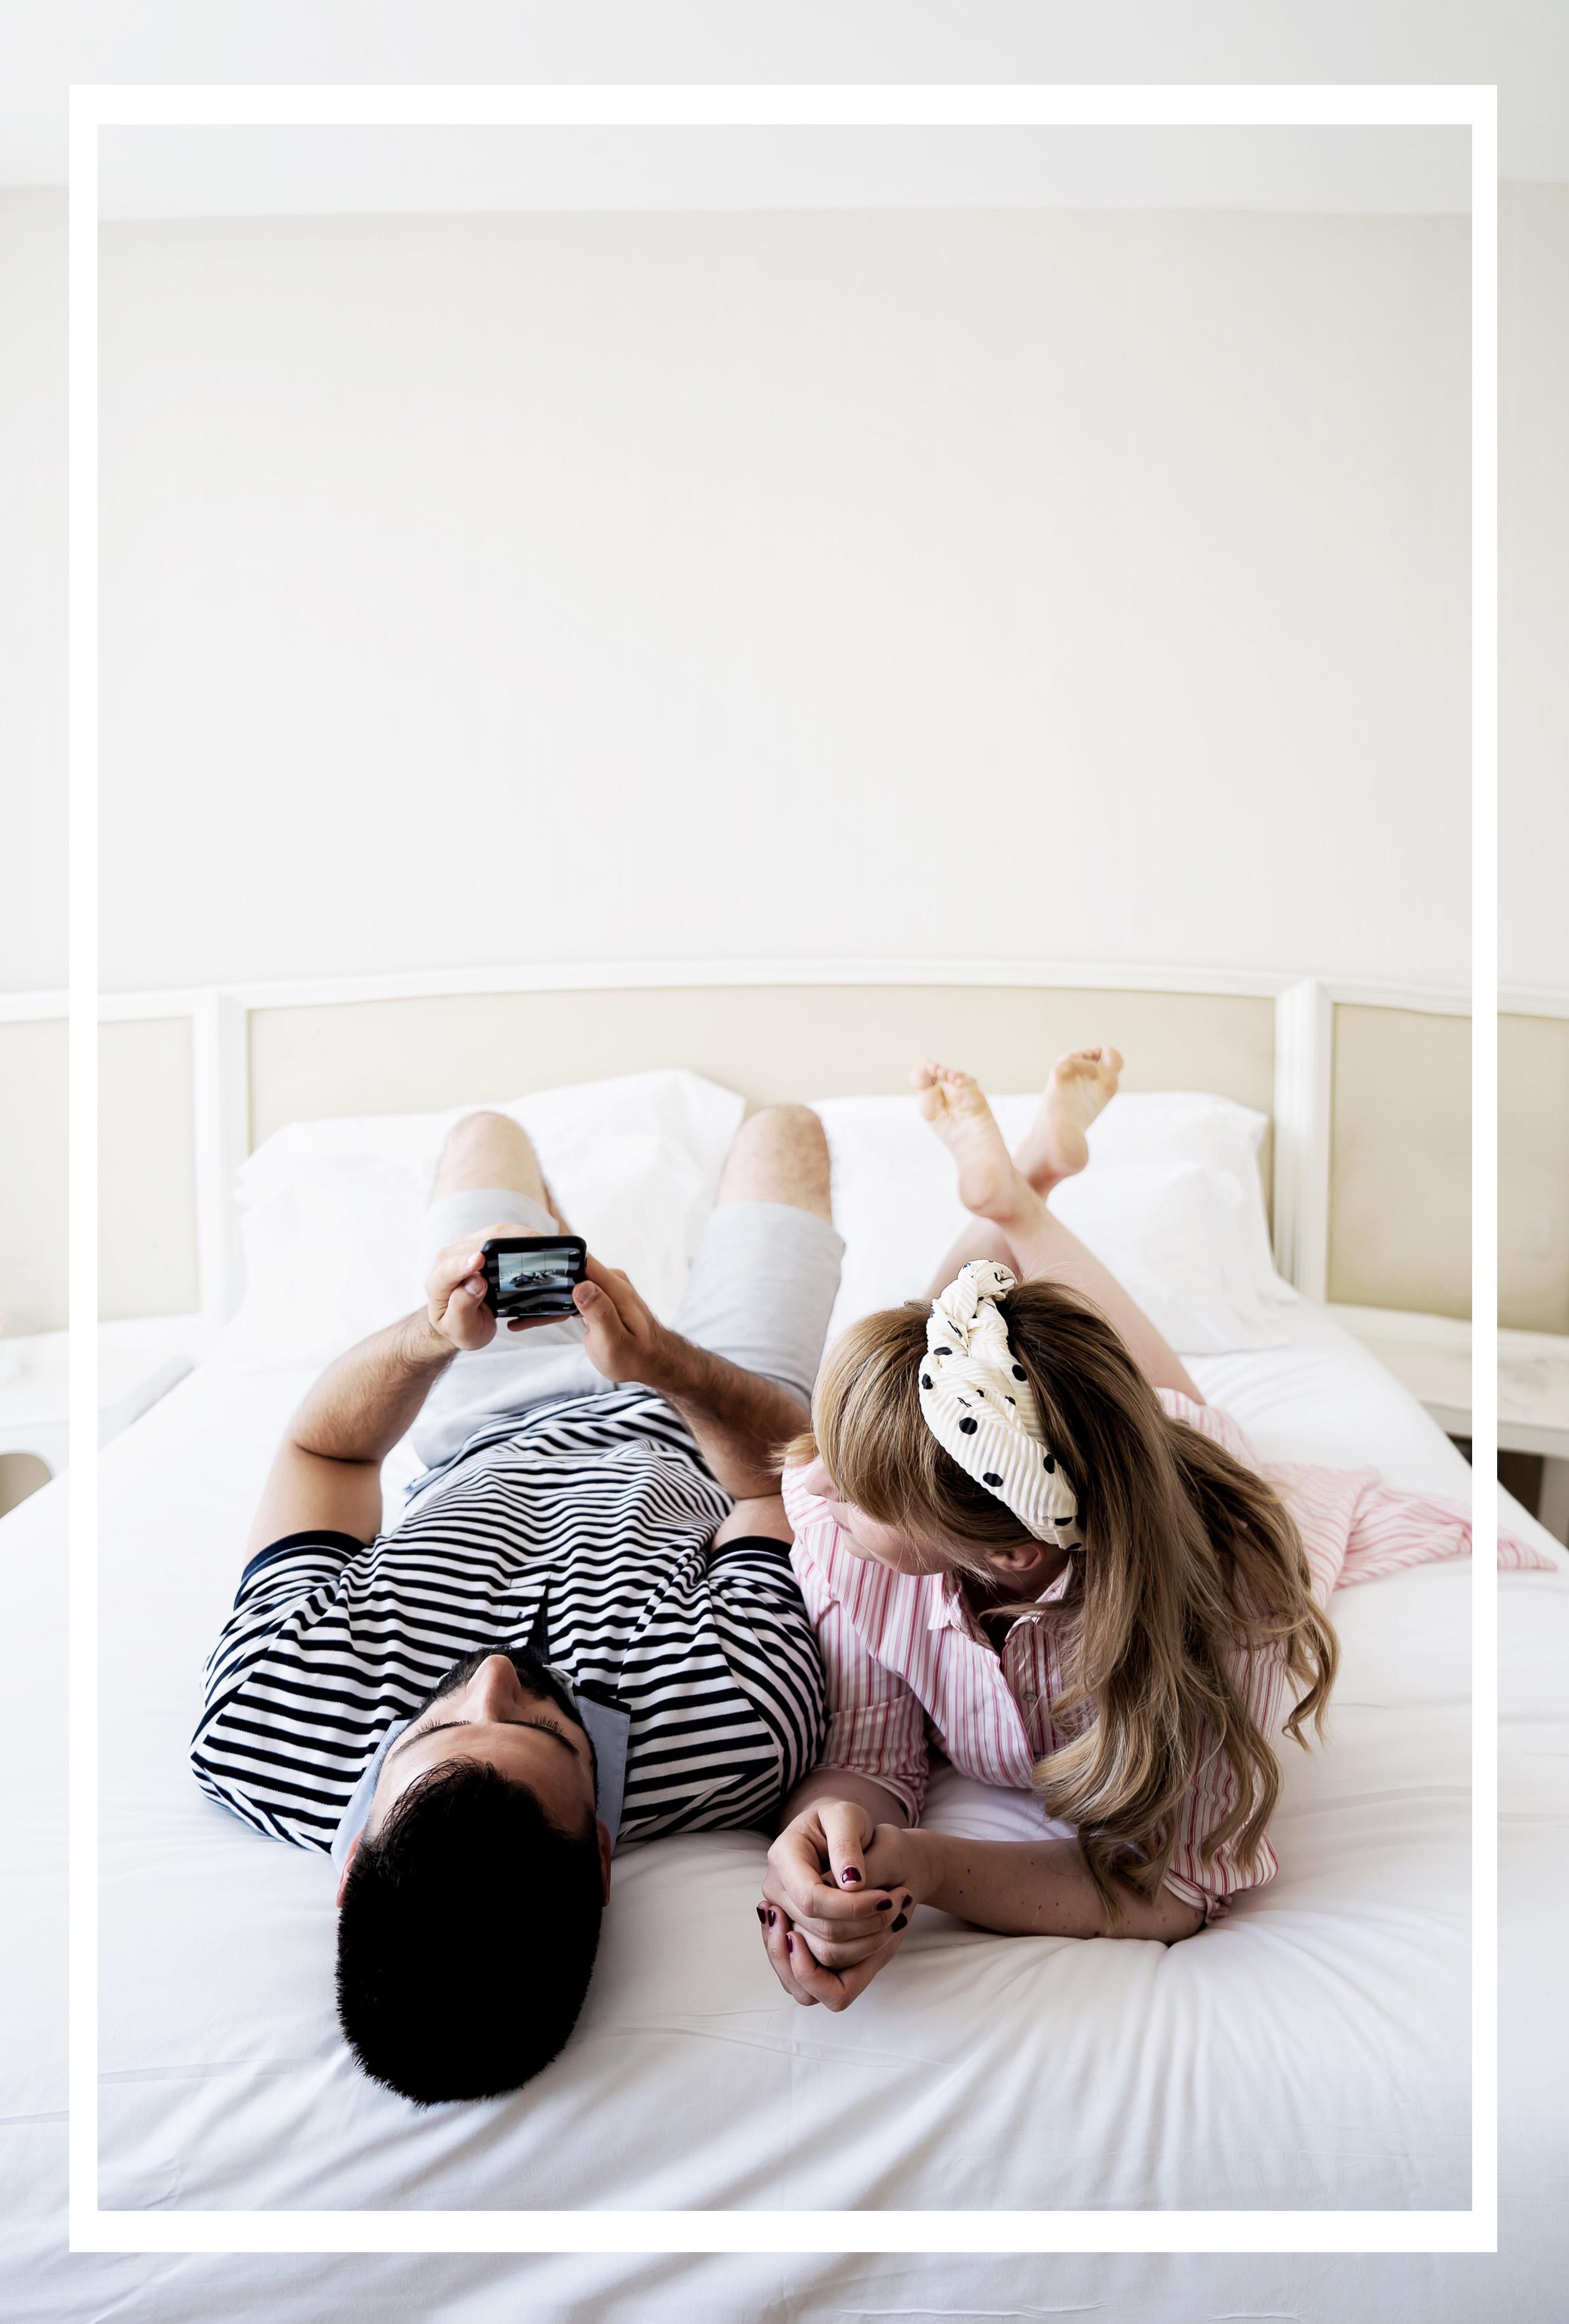 instagram Husband kann die beziehung funktionieren wenn zusammen gearbeitet wird?